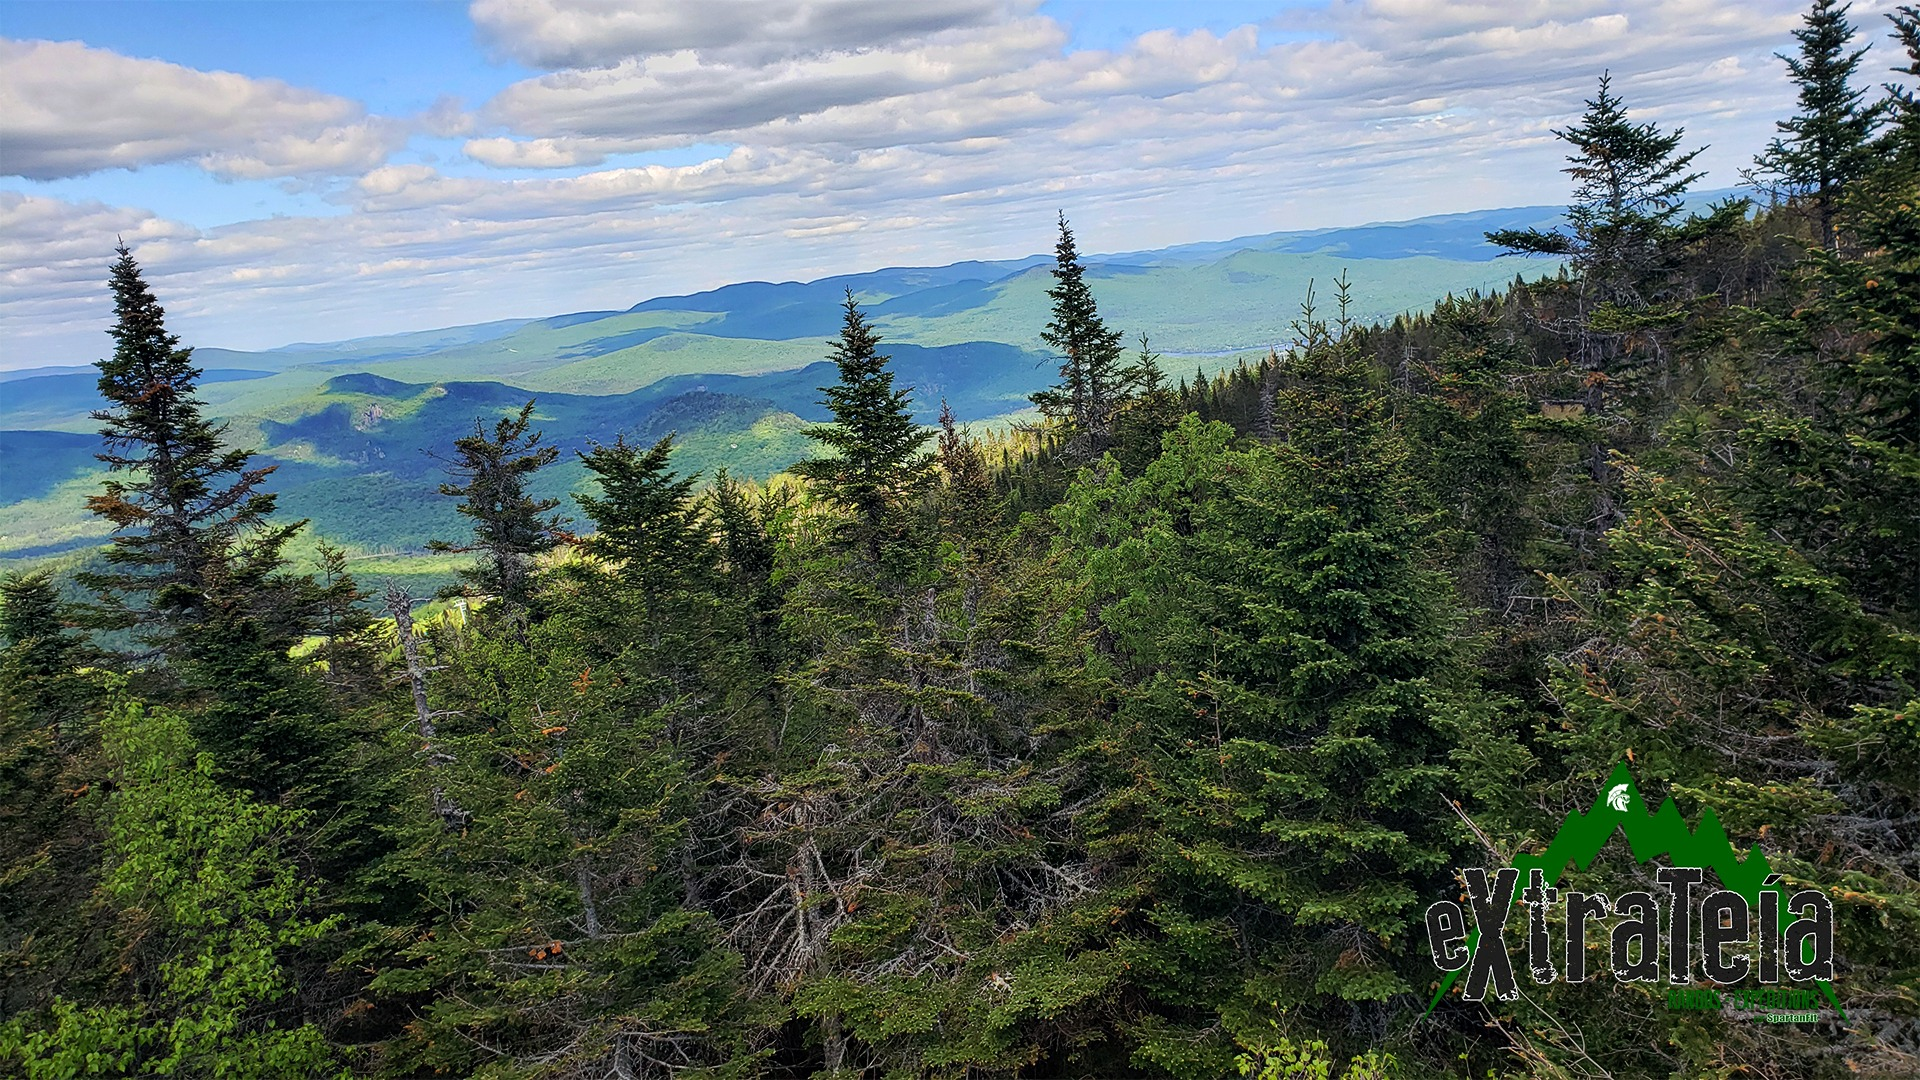 © Extrateia par SpartanFit | Guide de randonnée | Mont Tremblant